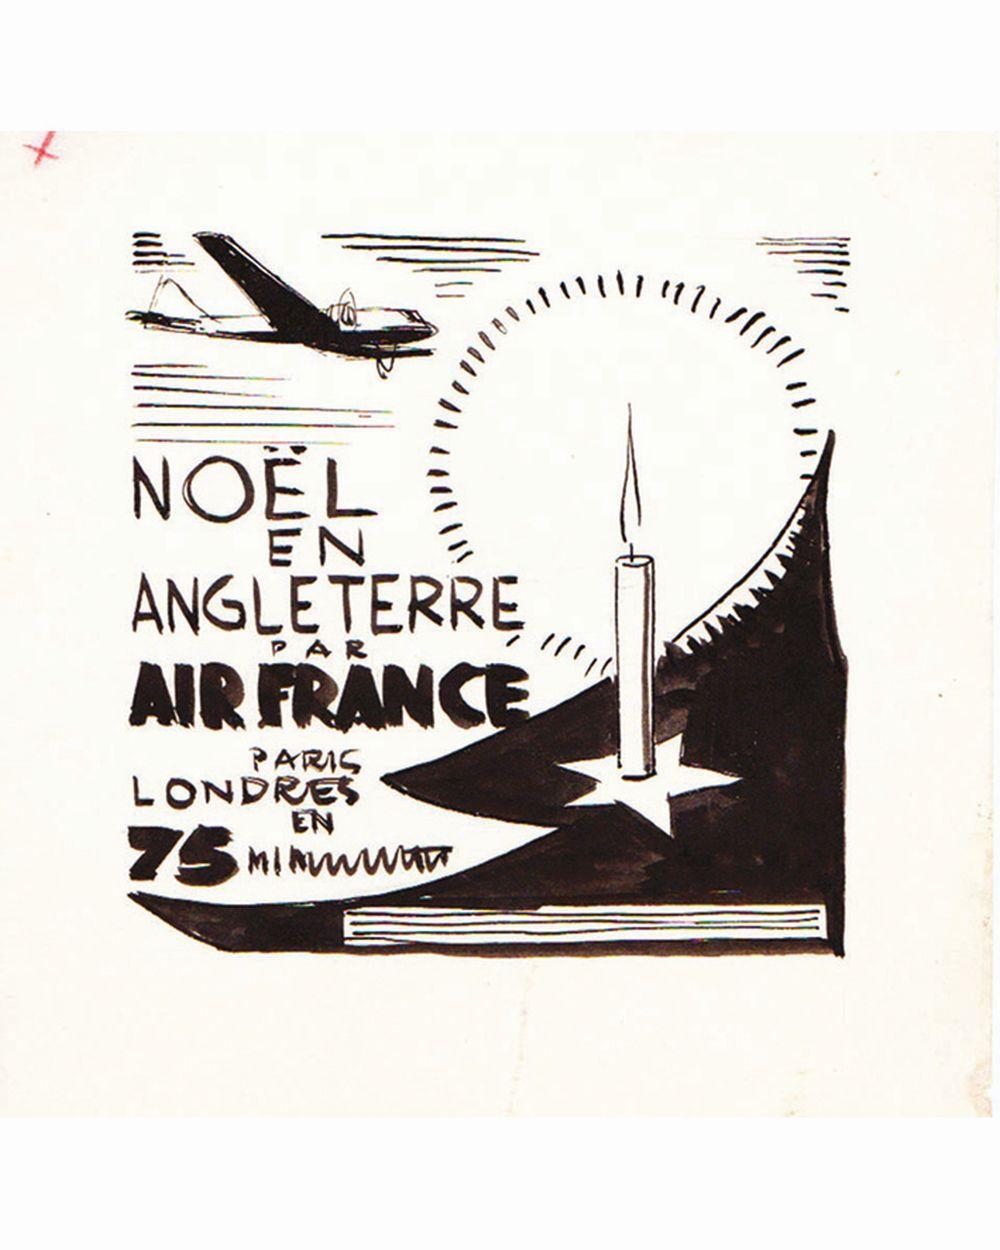 DOOB - 75 mm Paris Londres - Air France dessin à l'encre de chine drawing in china ink unic piece     1938